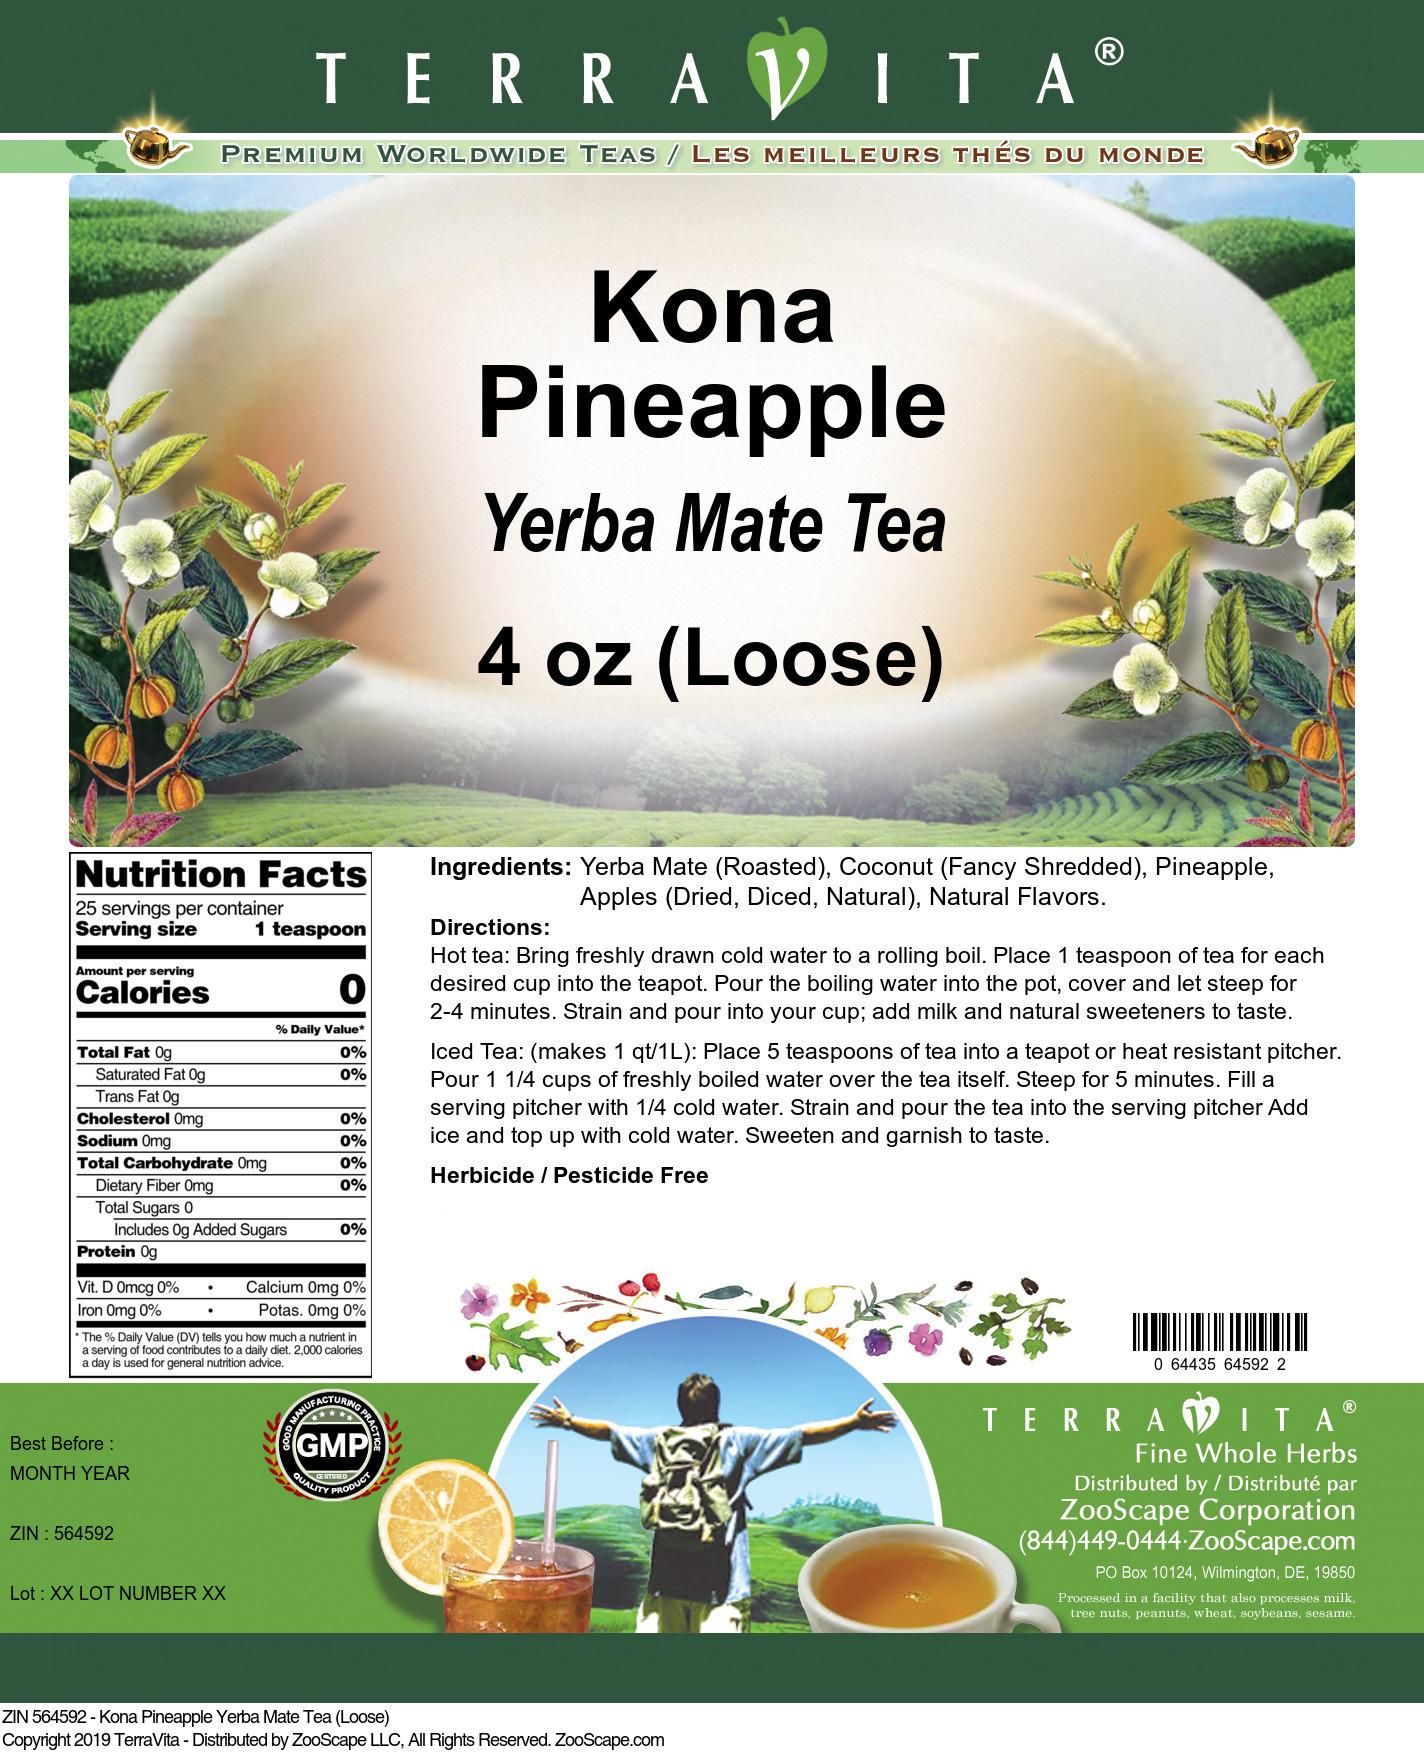 Kona Pineapple Yerba Mate